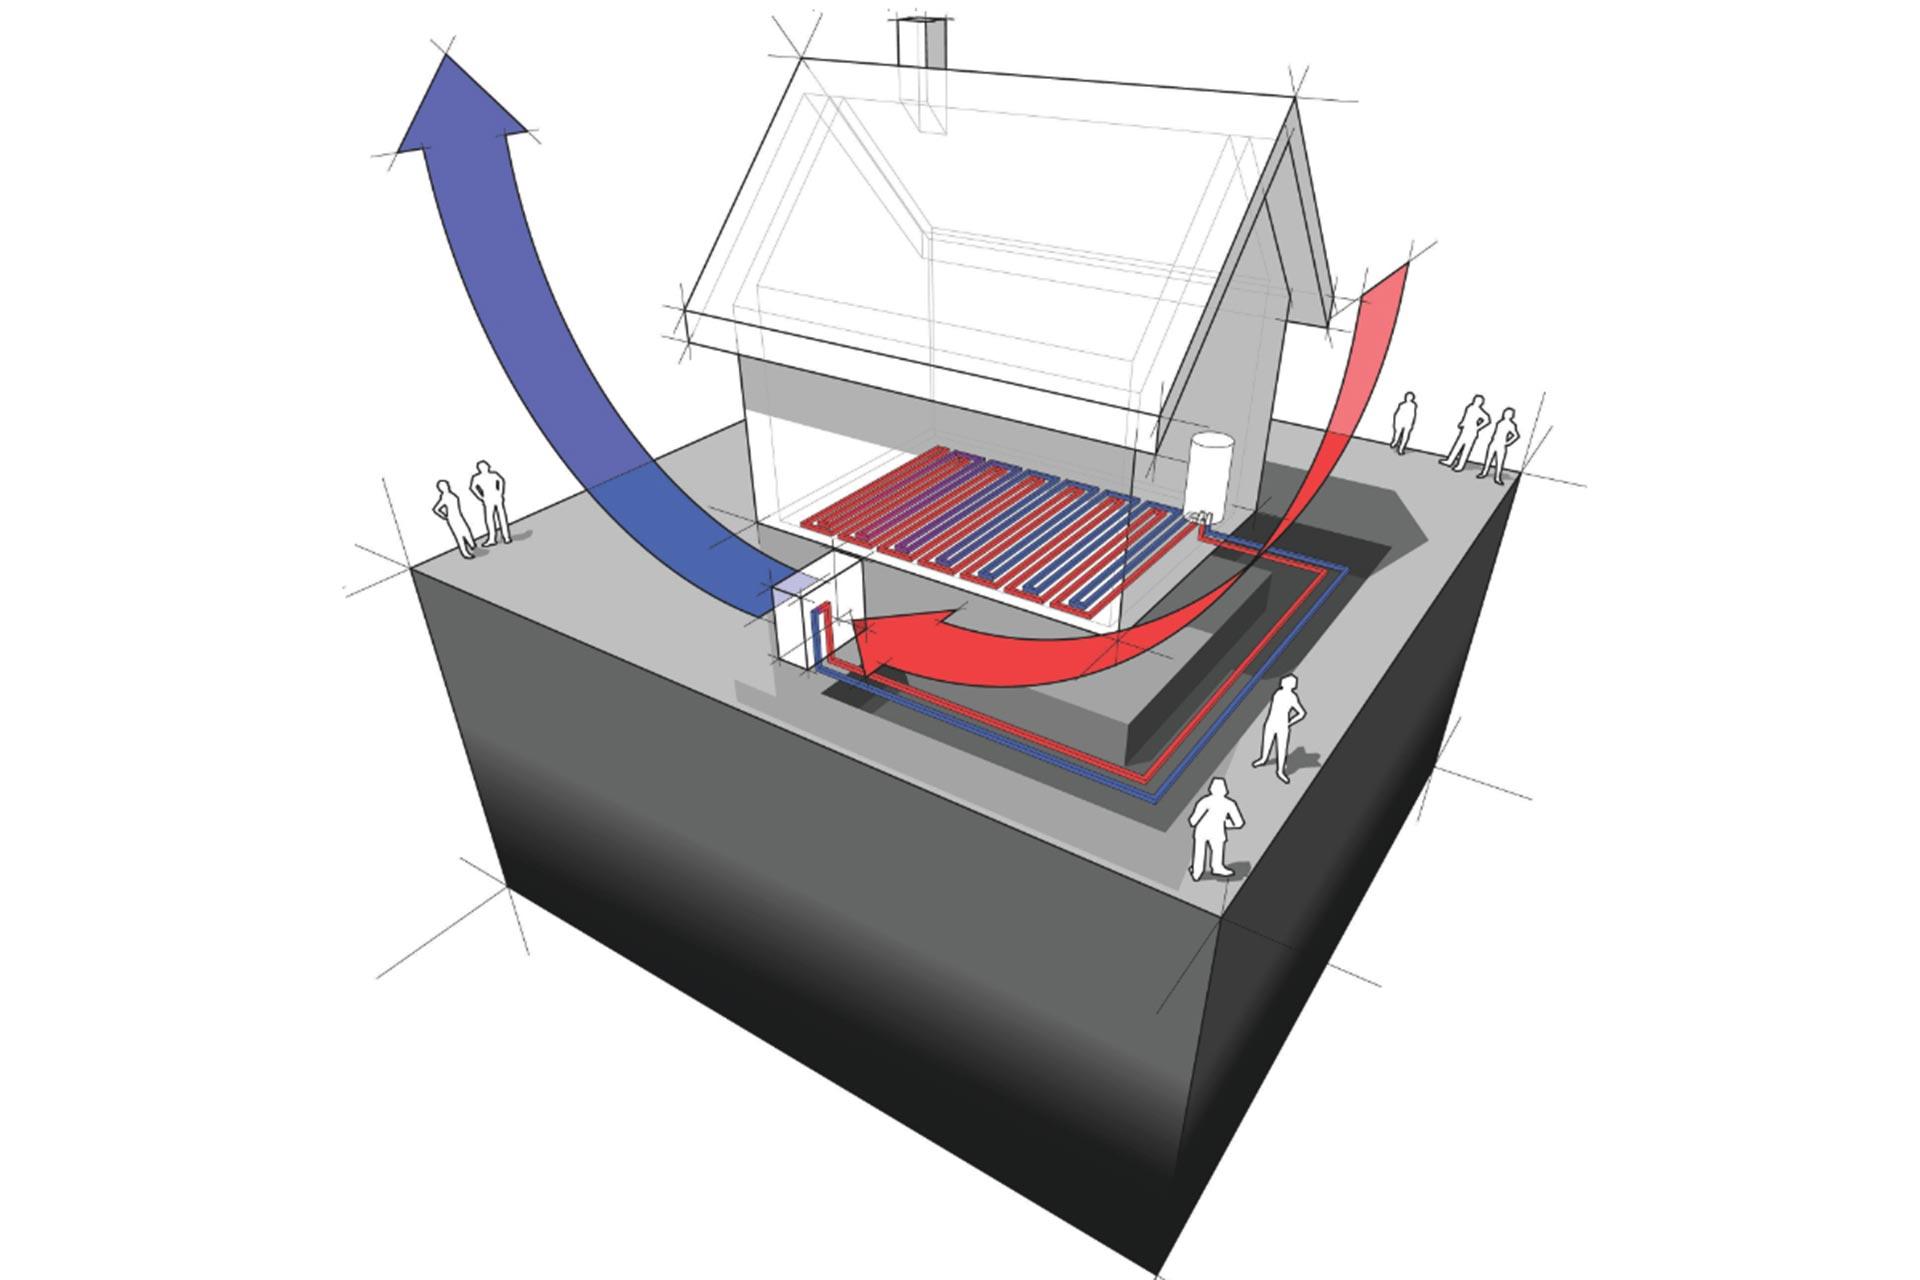 warmtepomp integreren tijdens verbouwingswerken (lucht)